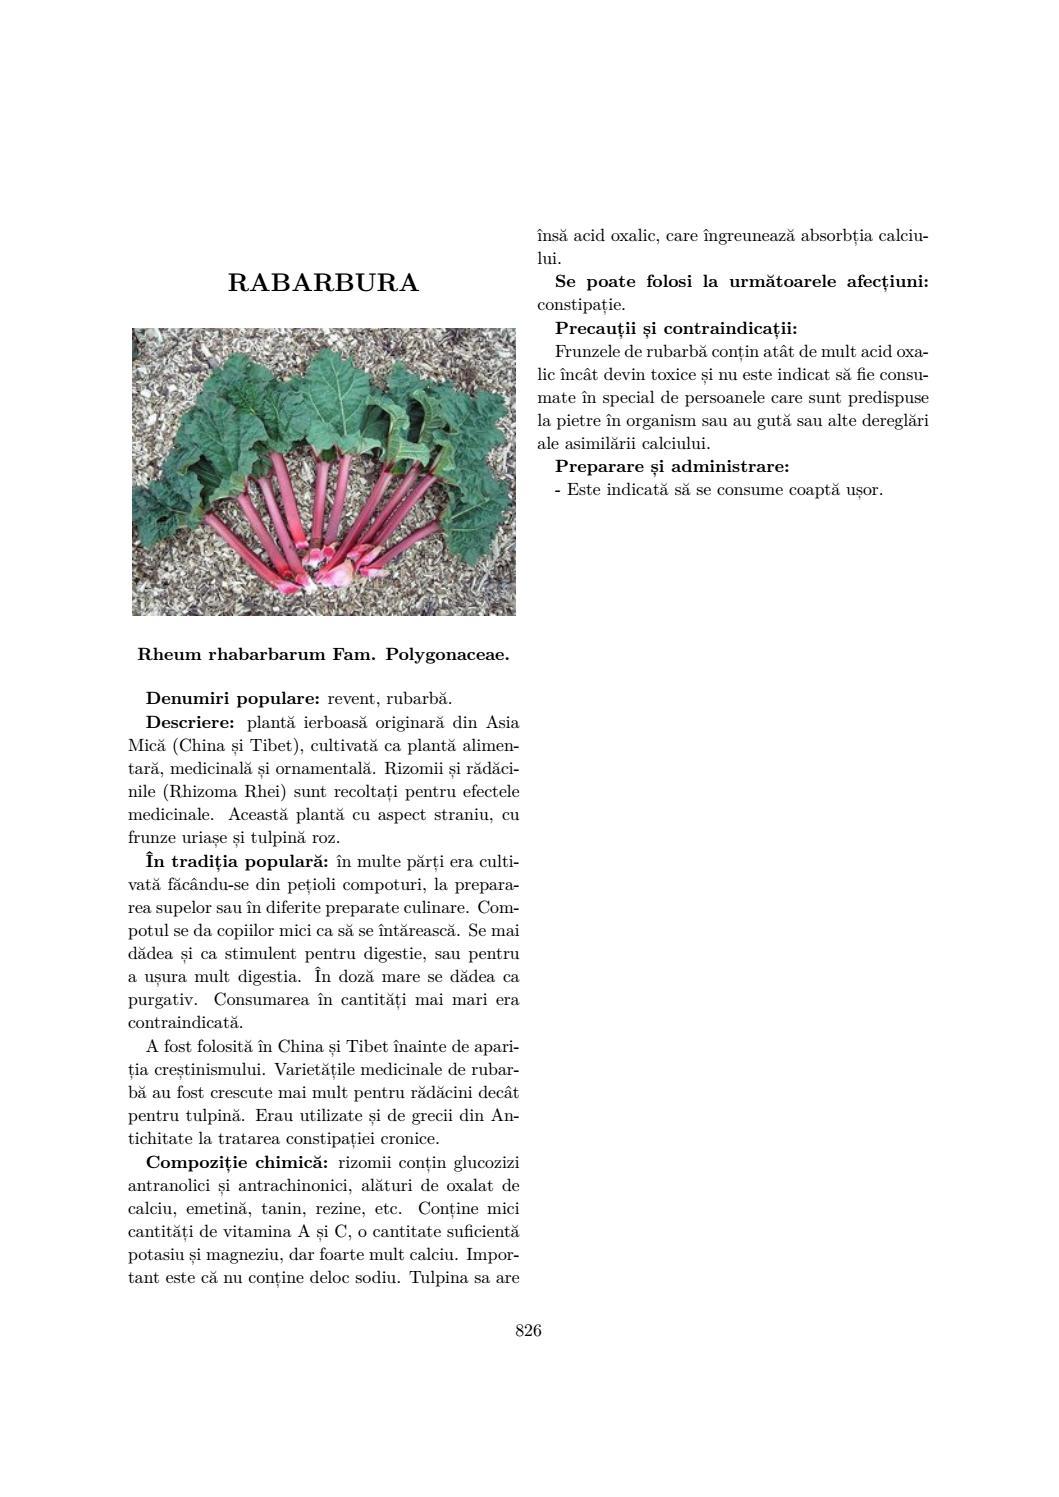 verdeață plantară unguent wartox